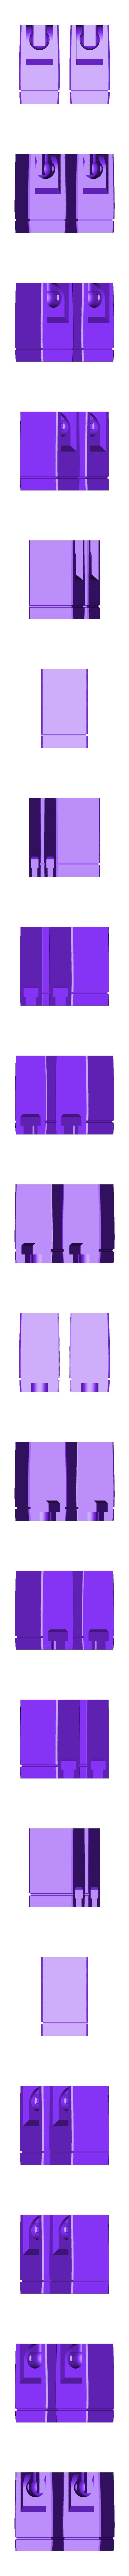 13_Brawn_Hand3_Forearm_GREY.stl Download free STL file G1 Transformers Brawn • 3D printer object, Toymakr3D